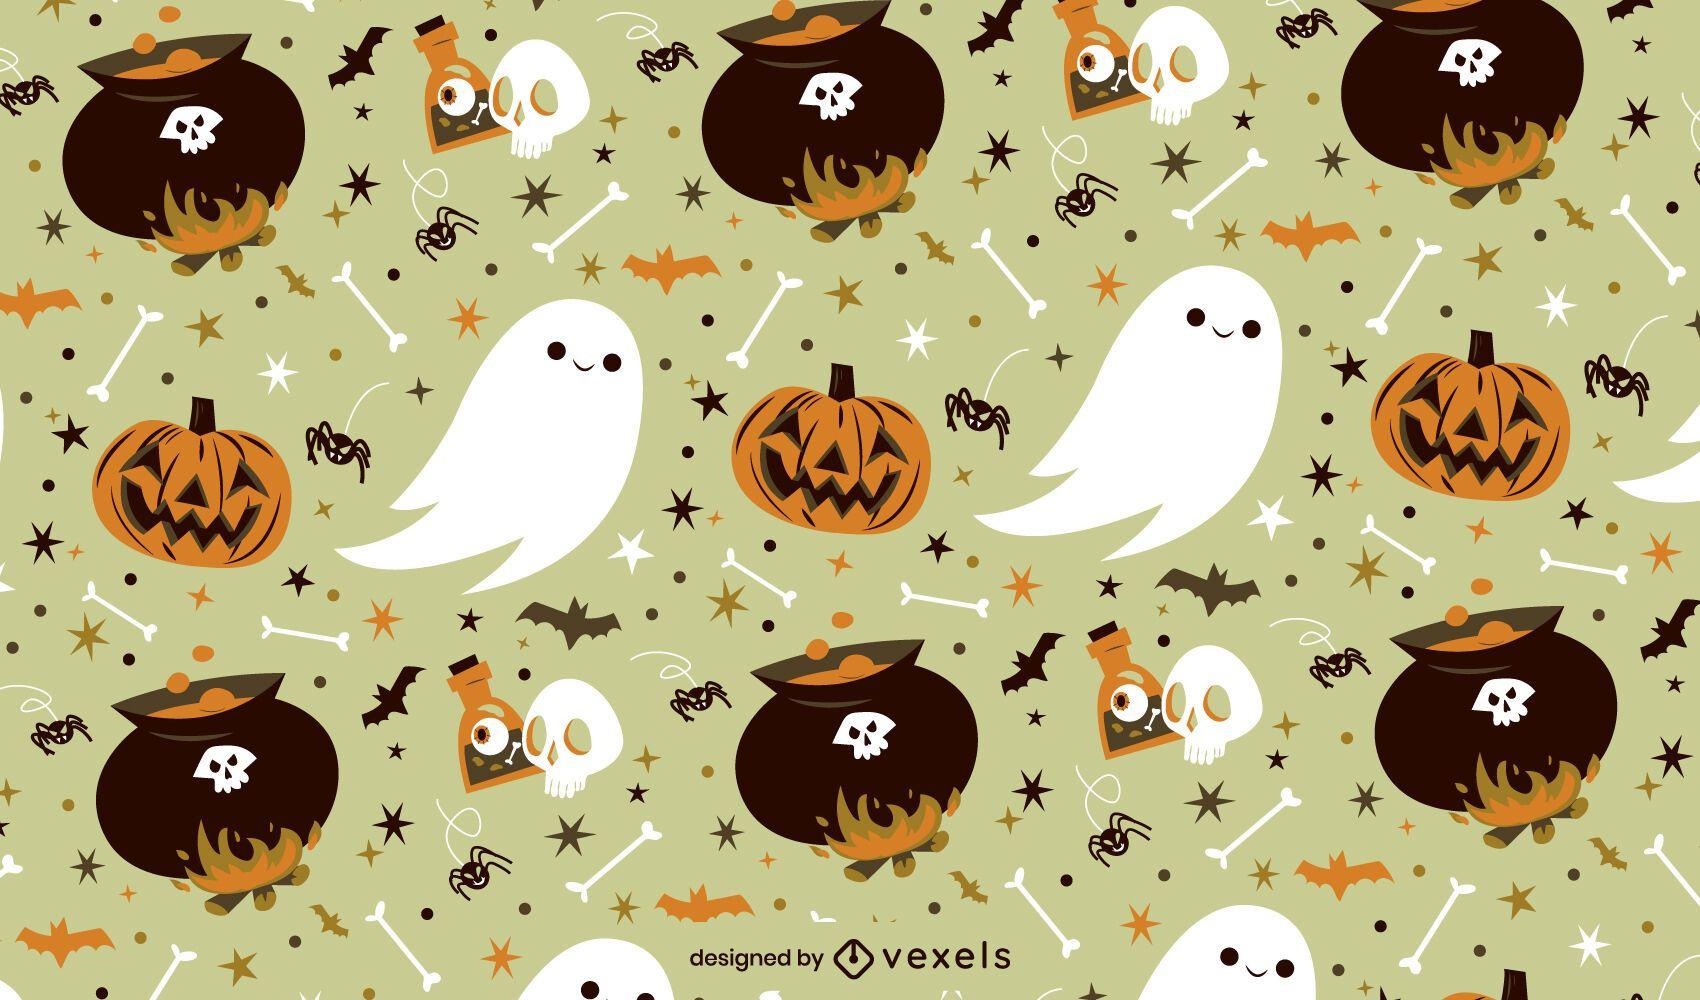 Diseño de patrón espeluznante de pociones de Halloween